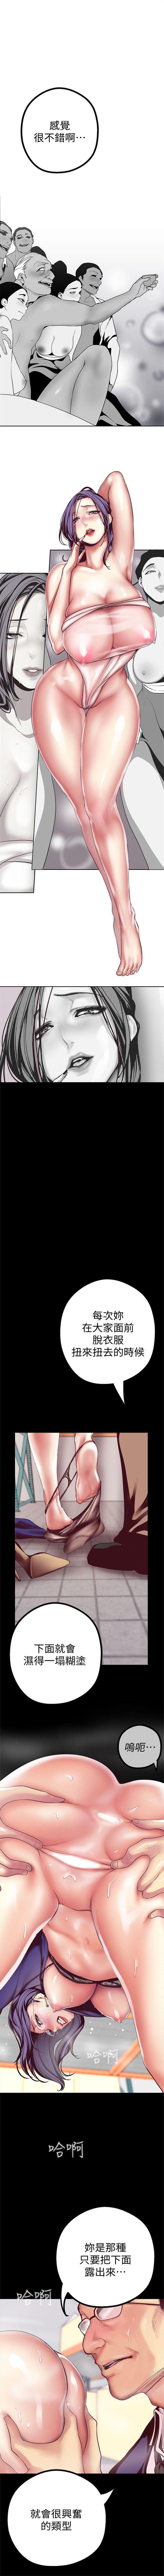 (周6)美丽新世界 1-61 中文翻译 (更新中) 155